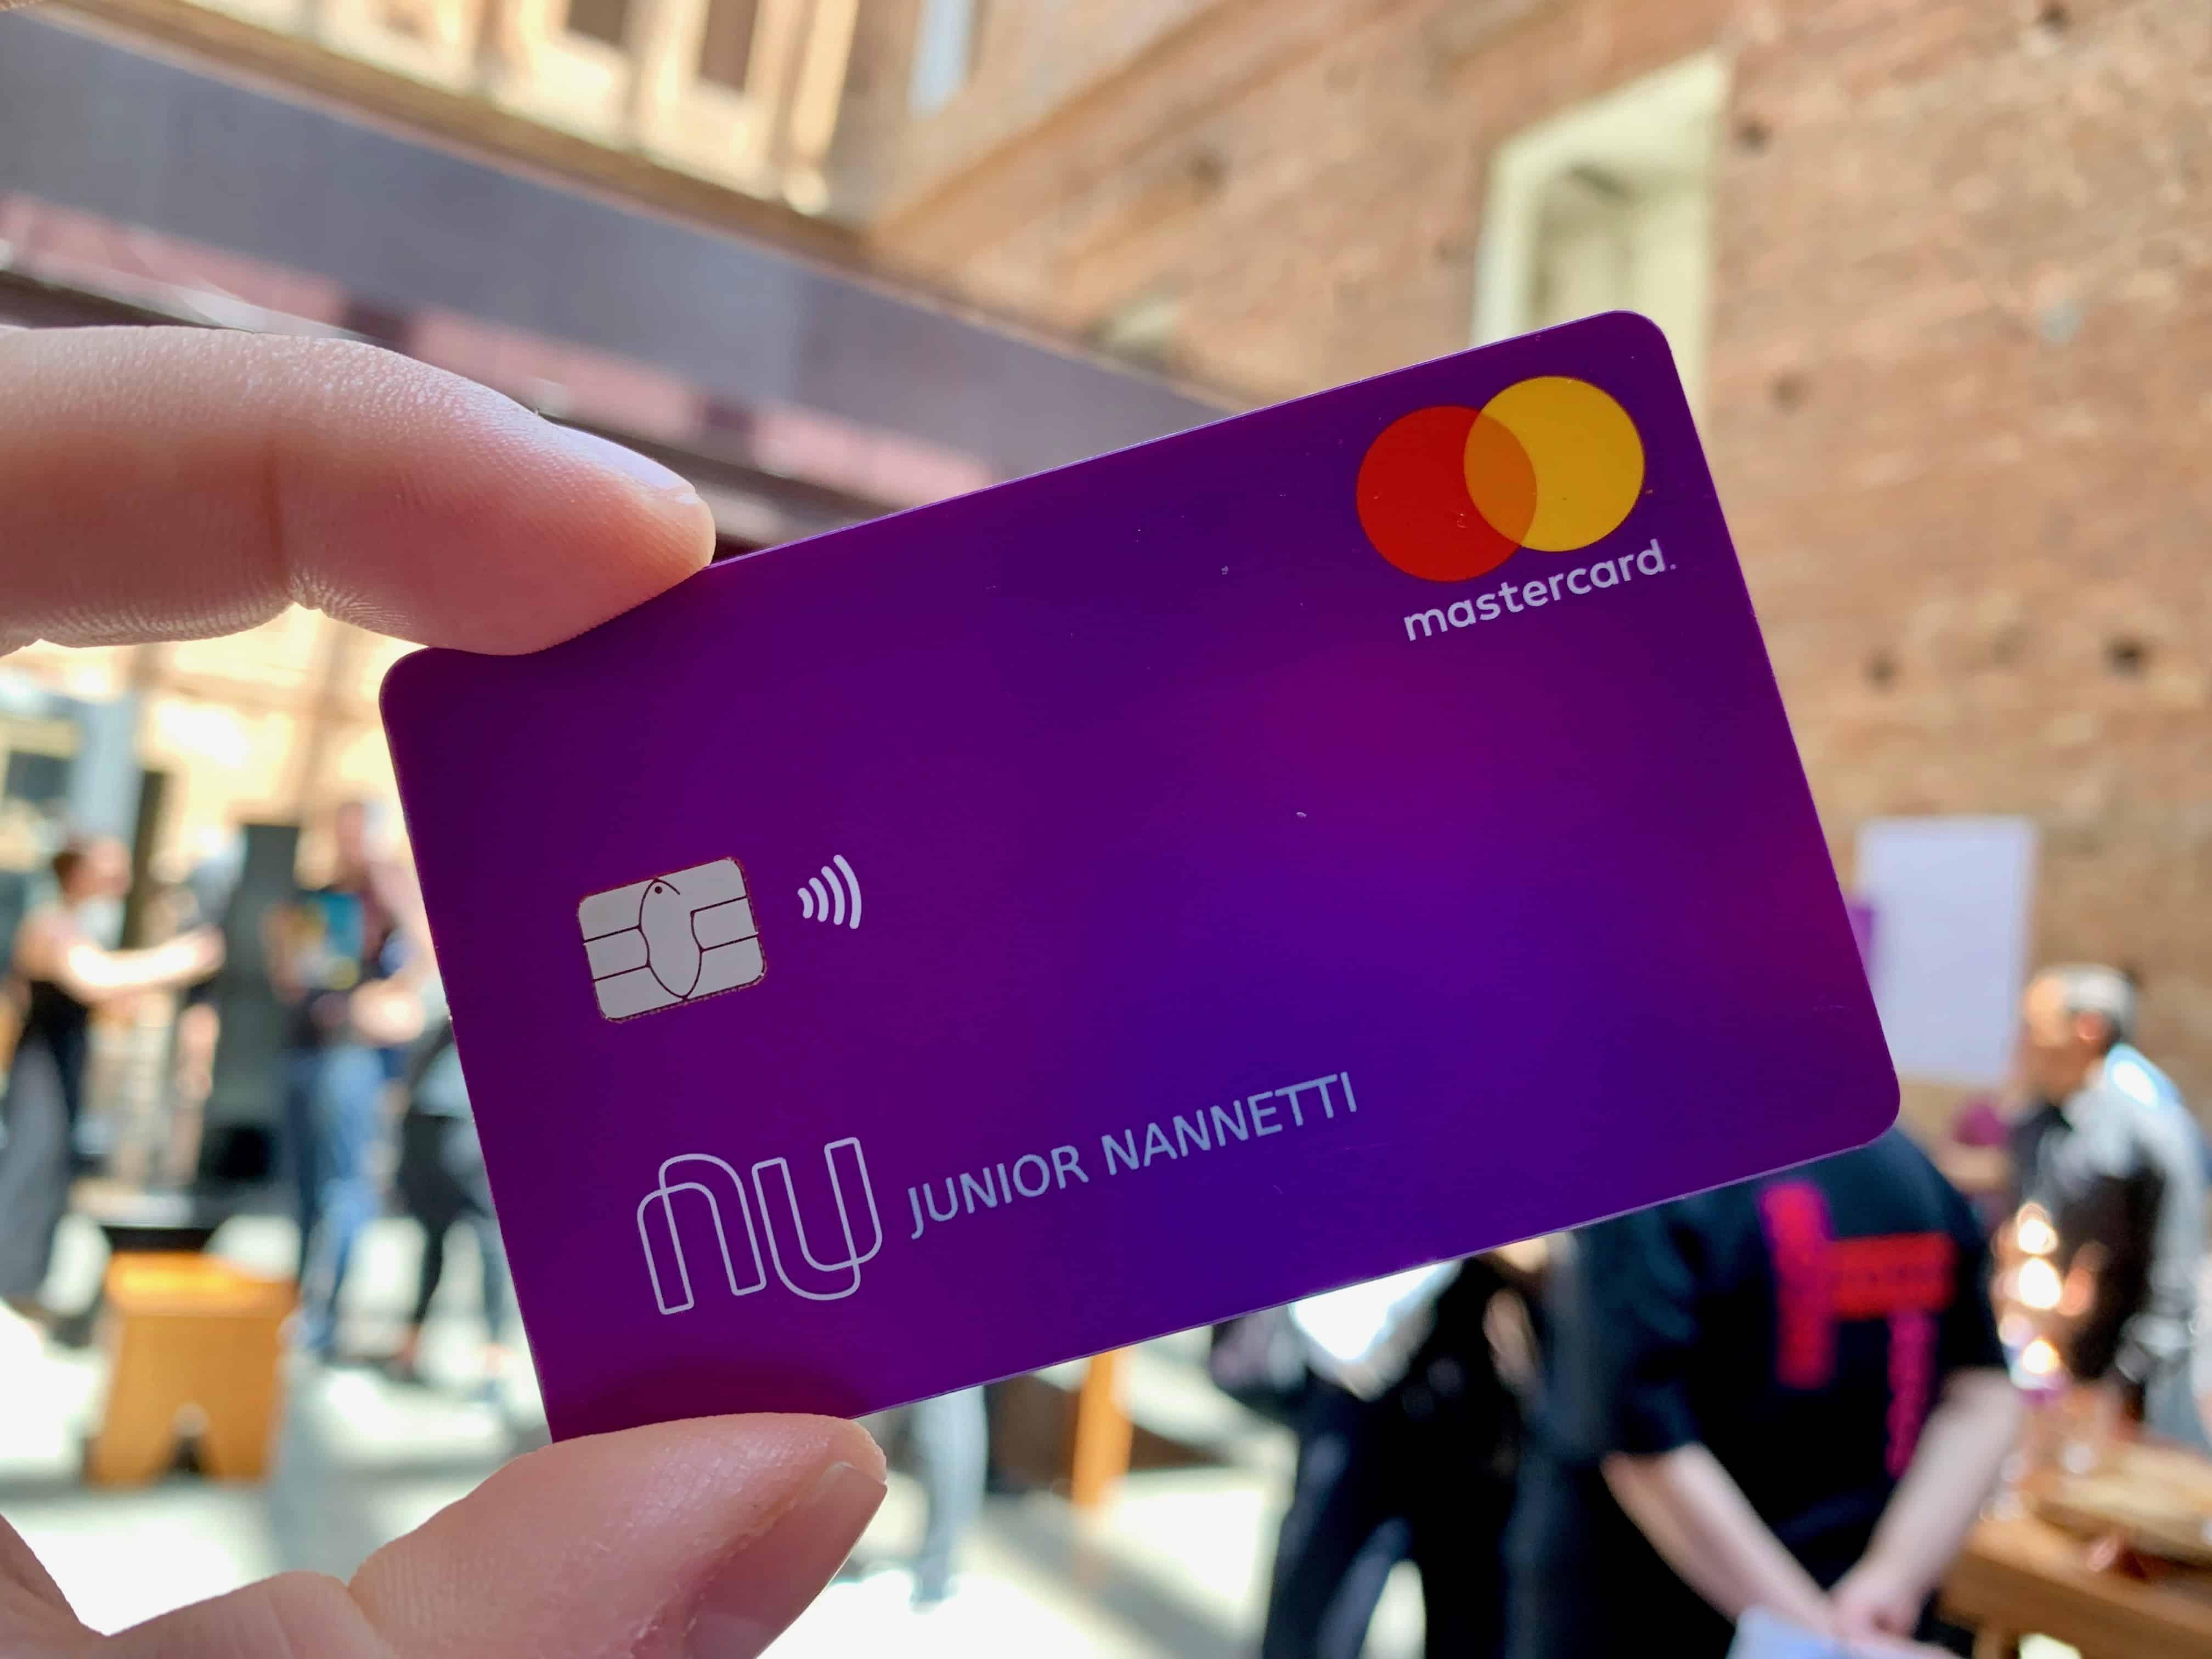 Antecipação de parcelas do cartão de crédito Nubank garantiram R$20 mi de economia aos clientes